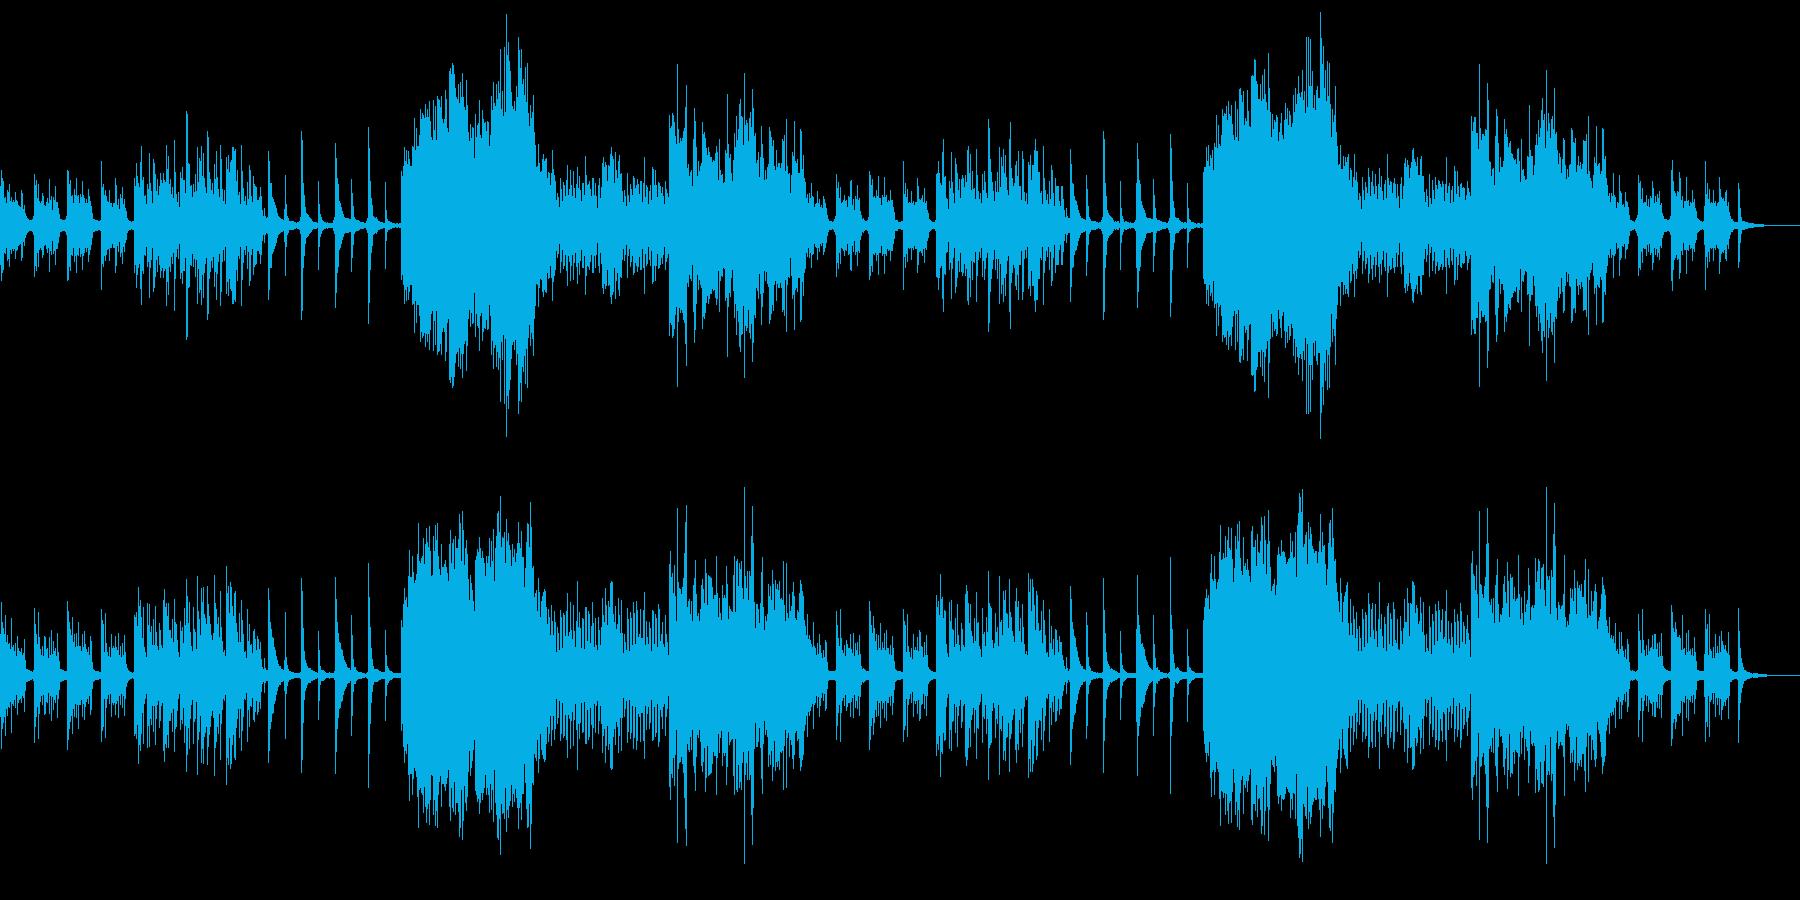 ピアノソロで個性とプライドある映像にの再生済みの波形